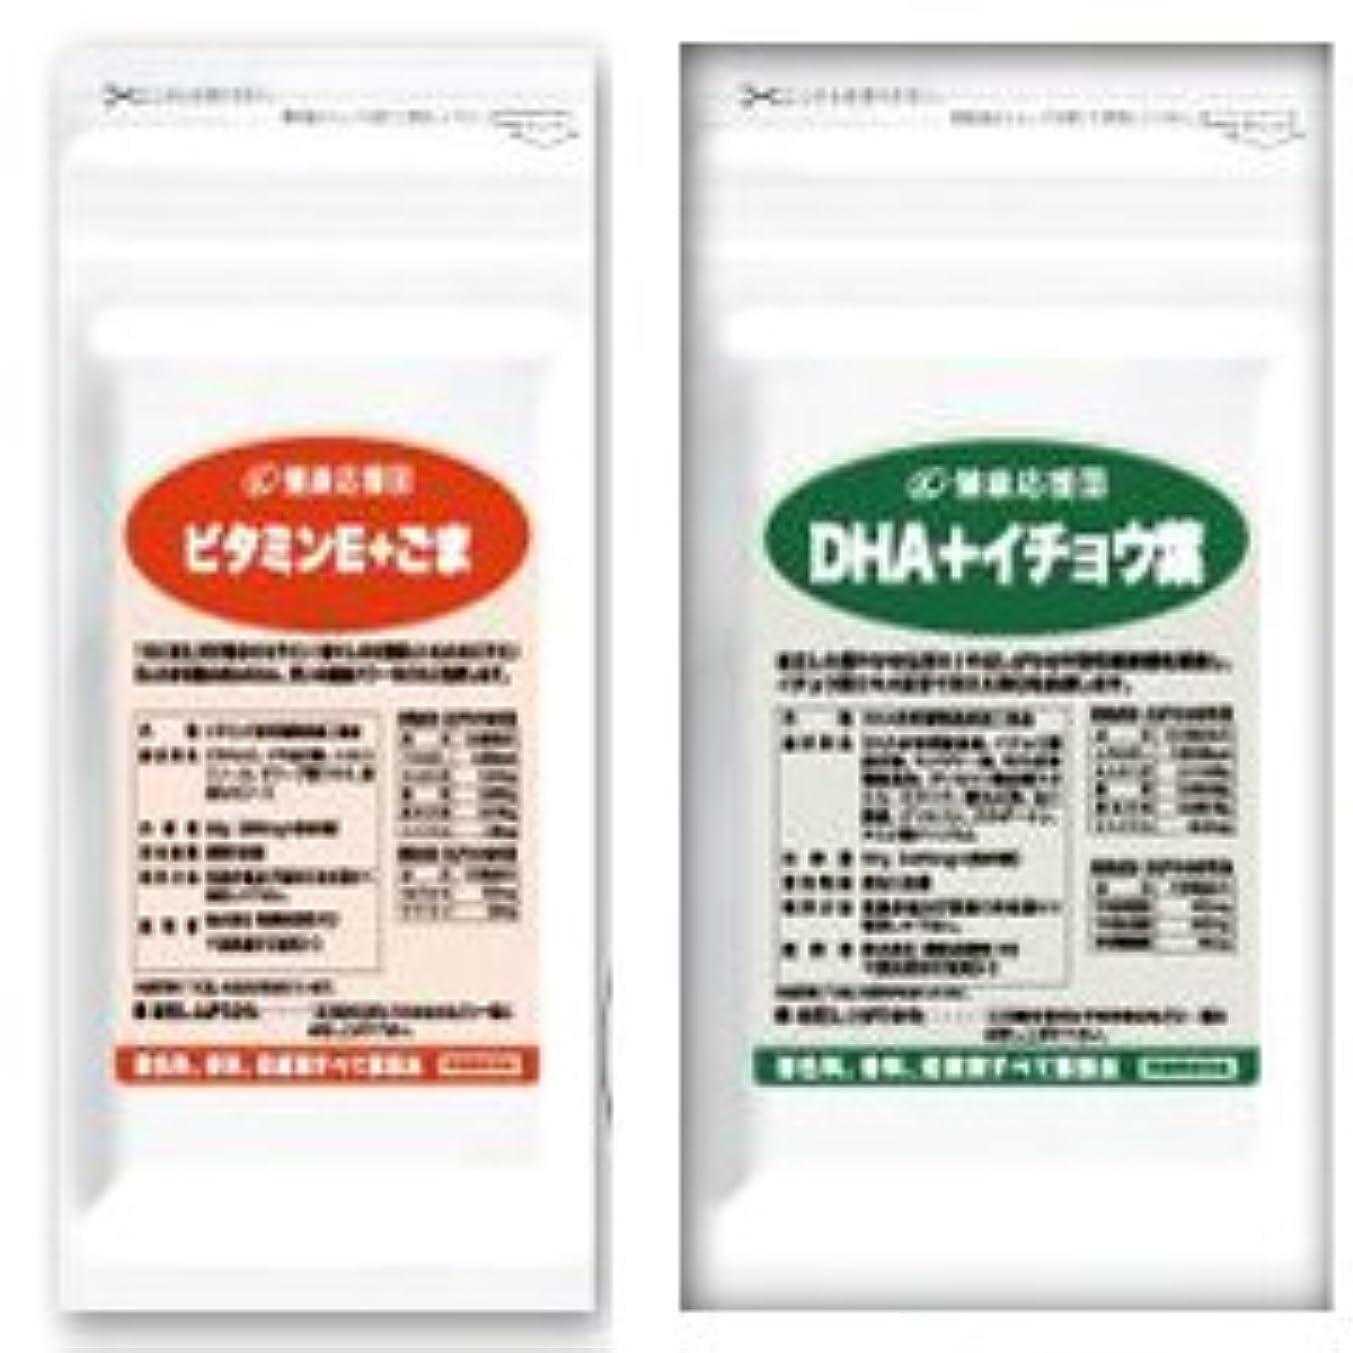 脱走小説マウントバンク(お徳用6か月分)毎日元気セット (ビタミンE+ごま) + (DHA+イチョウ葉エキス)6袋&6袋セット (DHA?EPA?ビタミンE?セサミン)